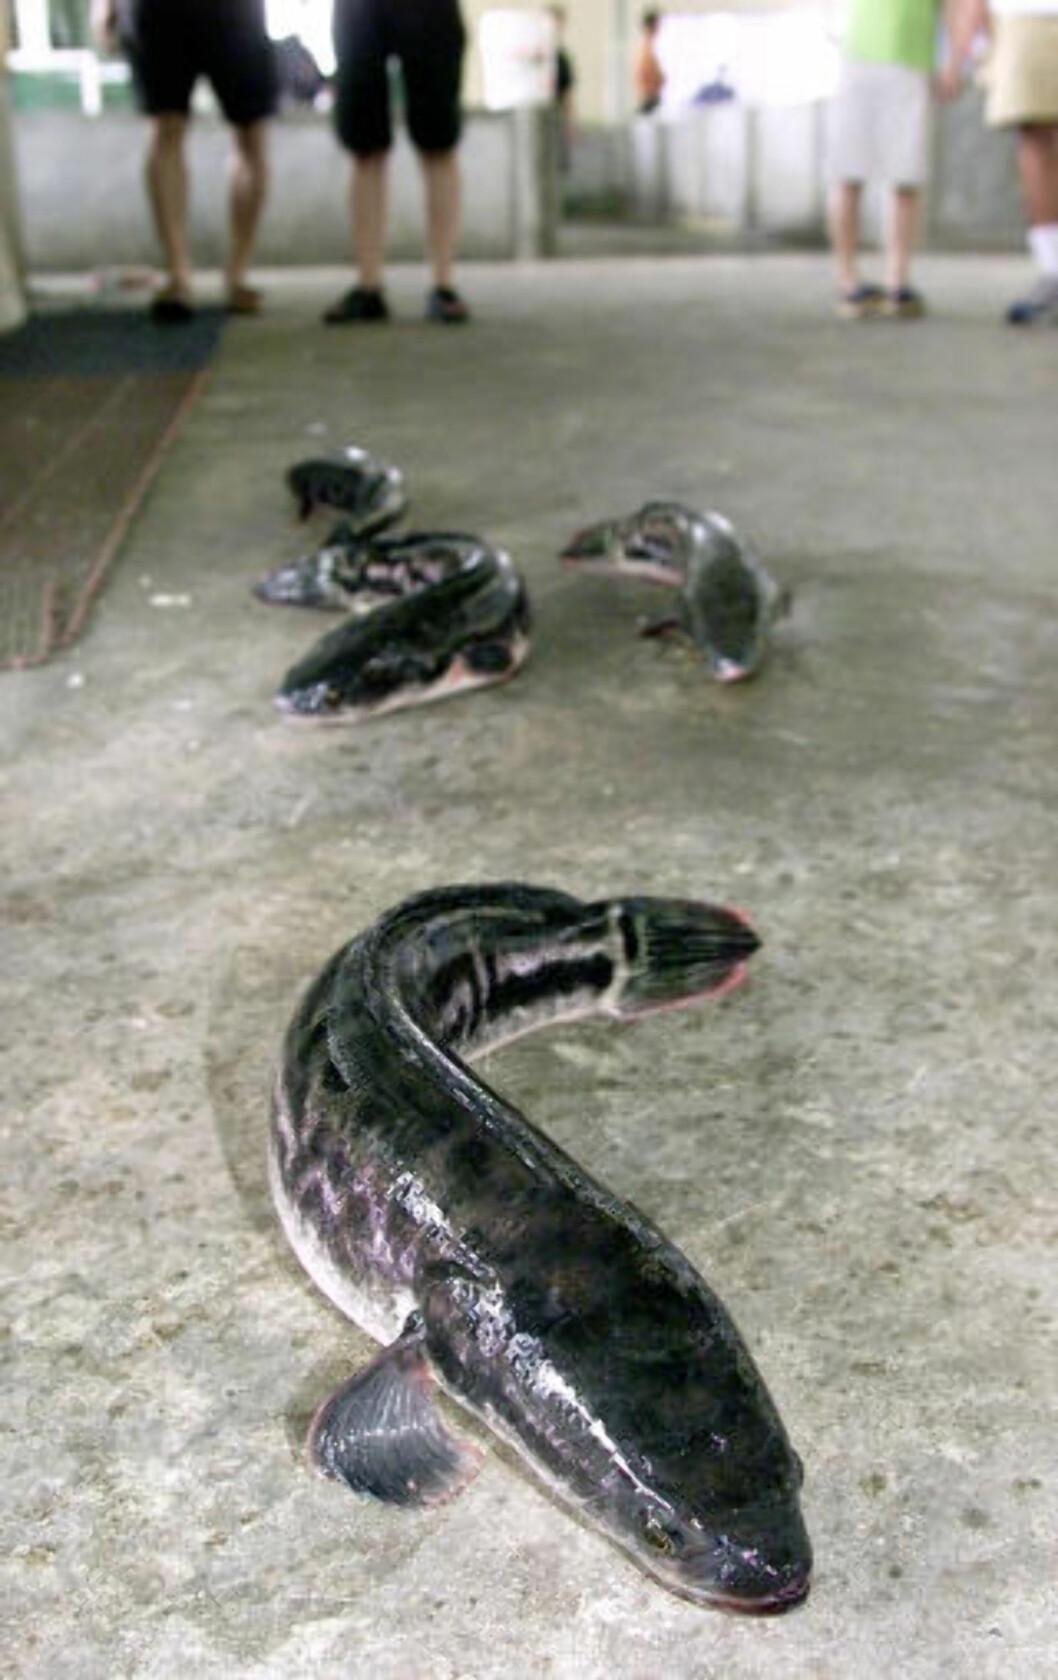 <strong>ÅLER SEG FRAM:</strong> Slangehodefisken viser sin evne til å ta seg fram på land. Bildet er tatt på et oppdrettsanlegg i Singapore. Foto: JONATHAN SEARLE / REUTERS / NTB SCANPIX